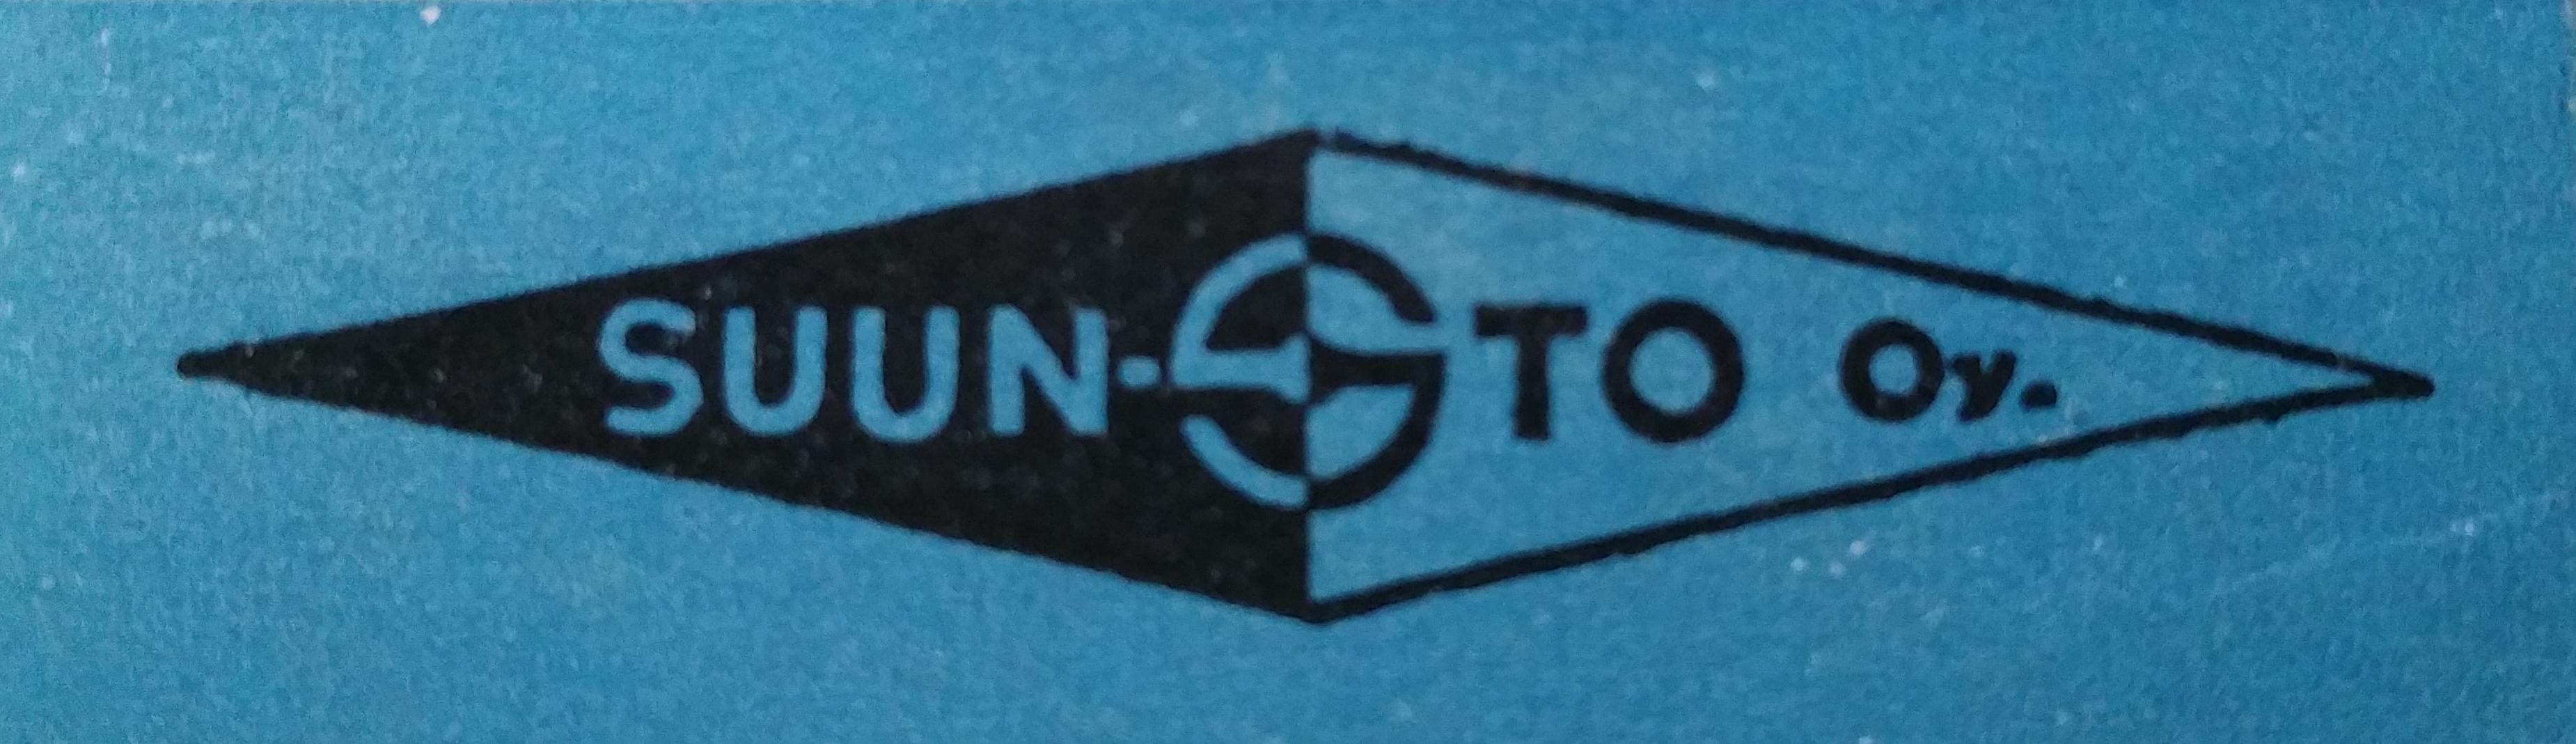 Original_Suunto_logo.jpg